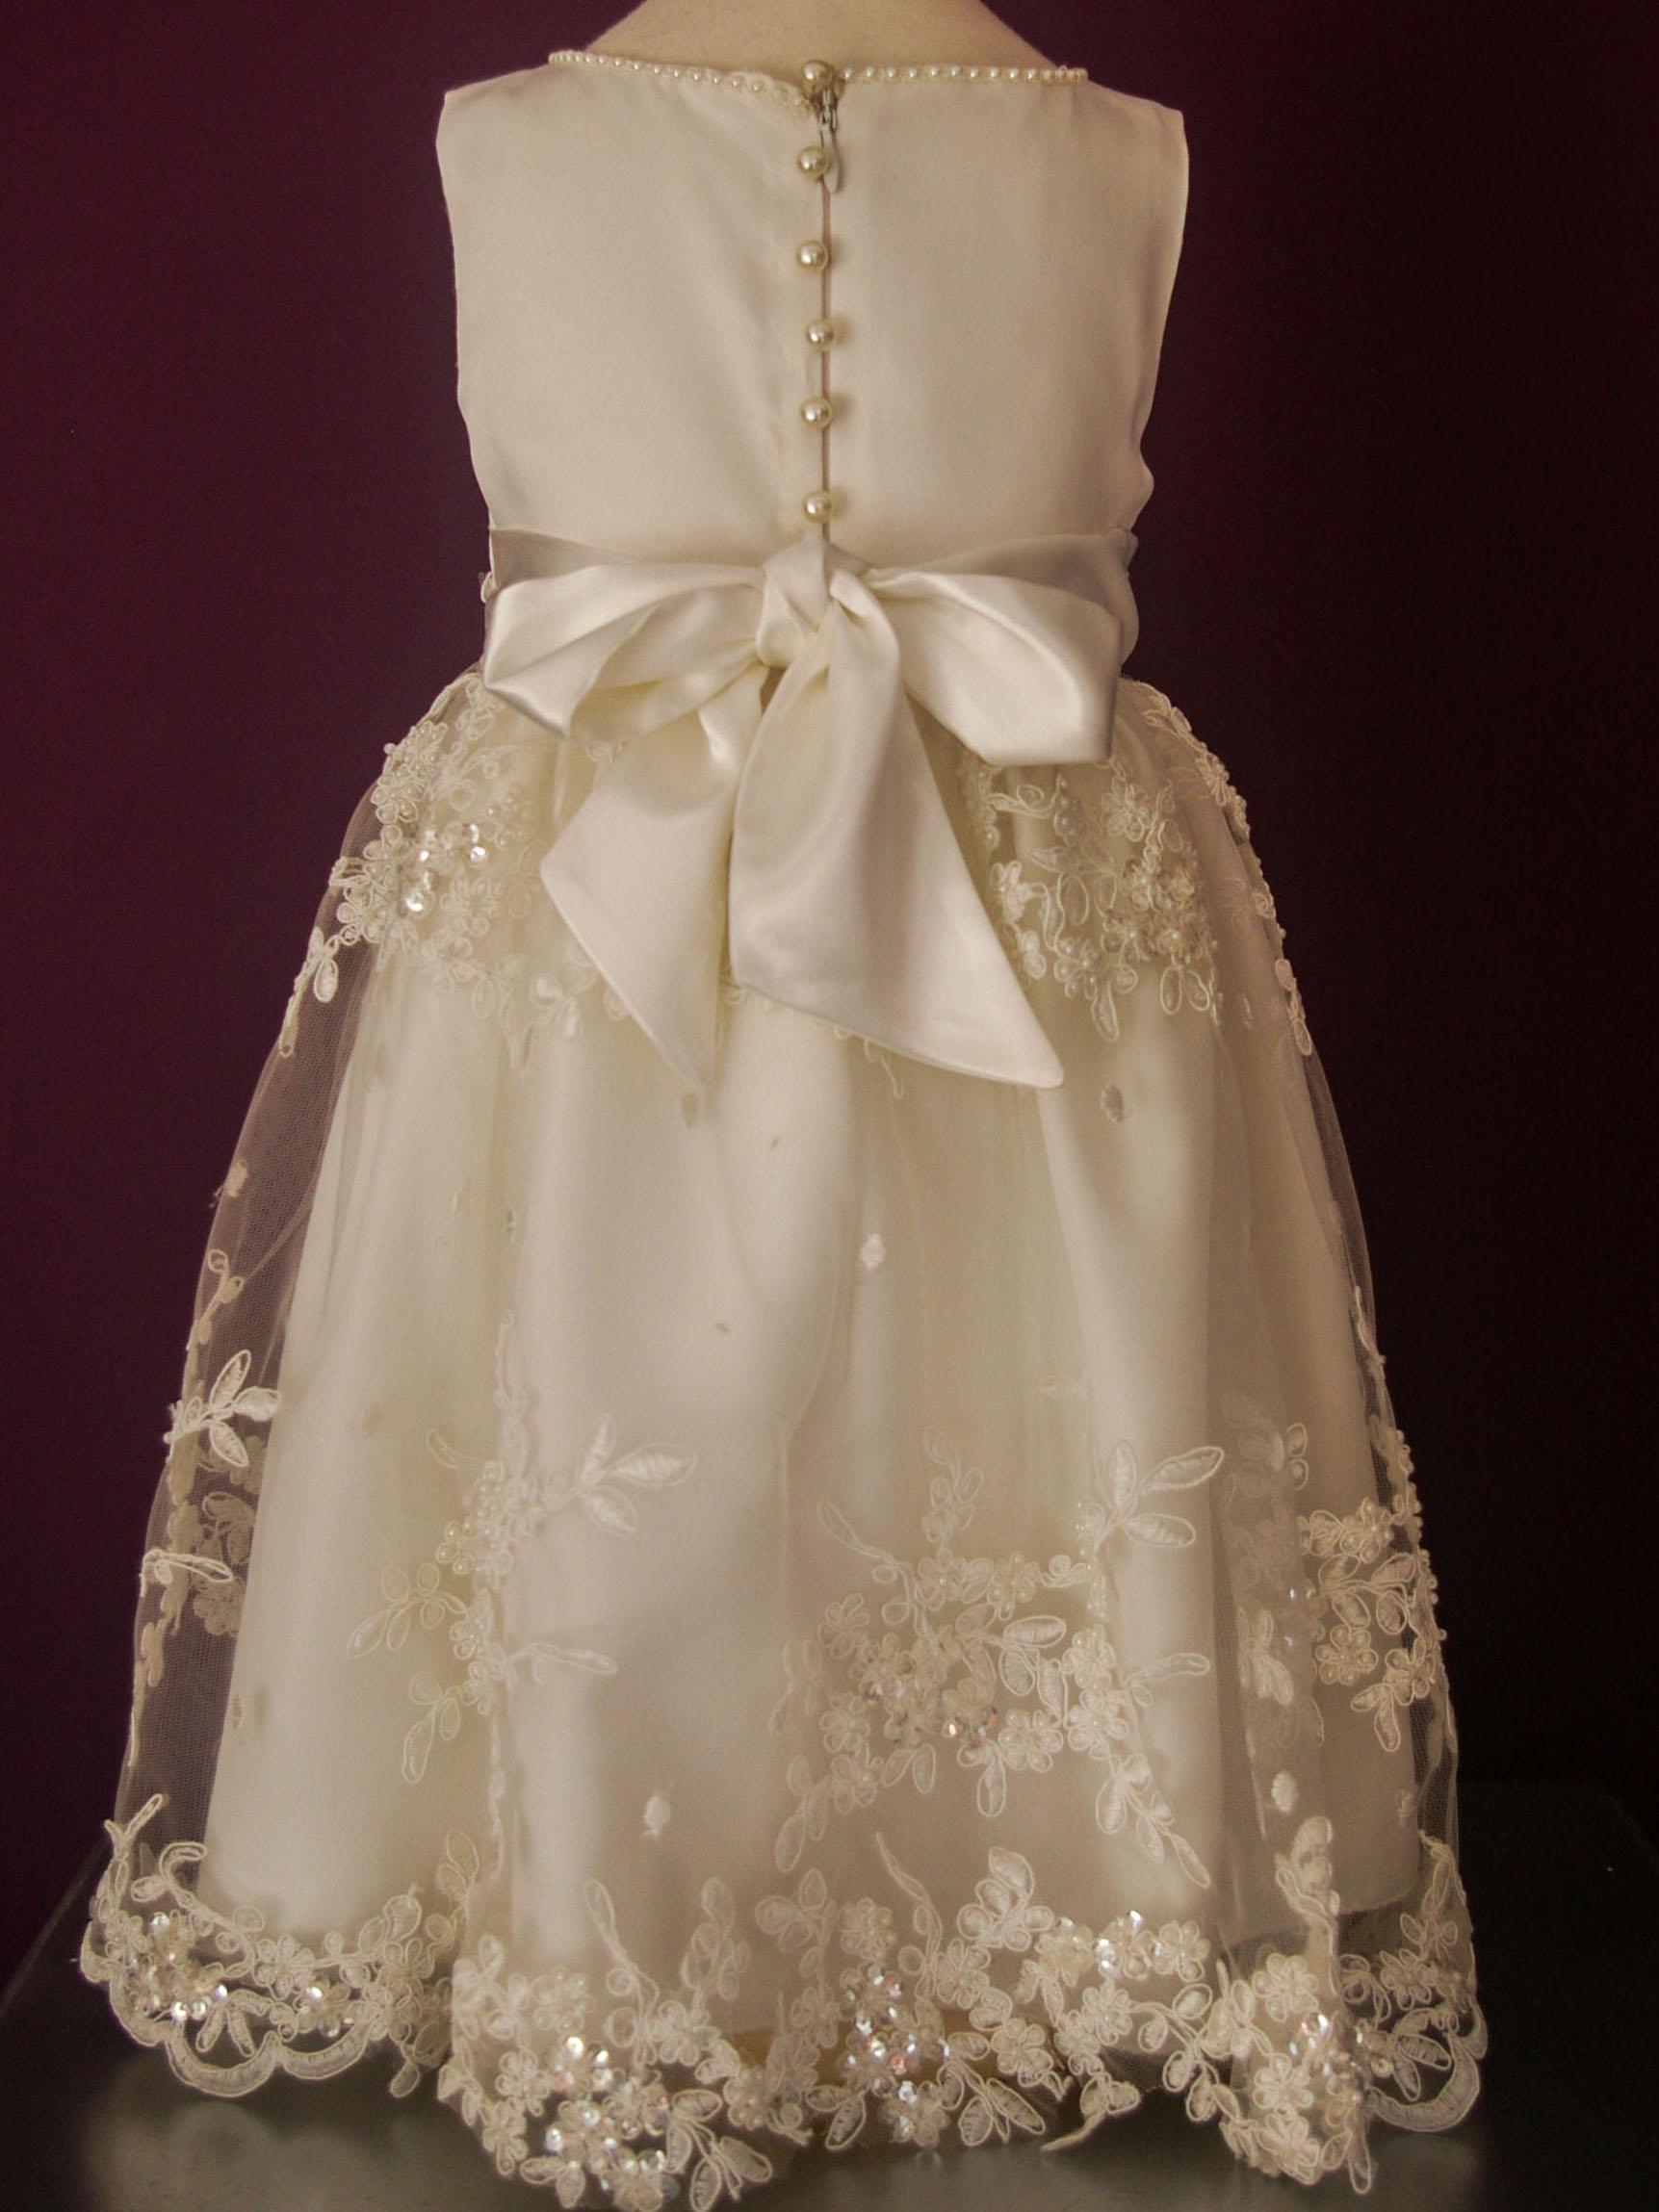 dd5cb0783 Diseño Victoria - Vestido de niña corte princesa con cuerpo de raso bocelli  y detalles manuales de perlas. Falda de tul bordado a mano.